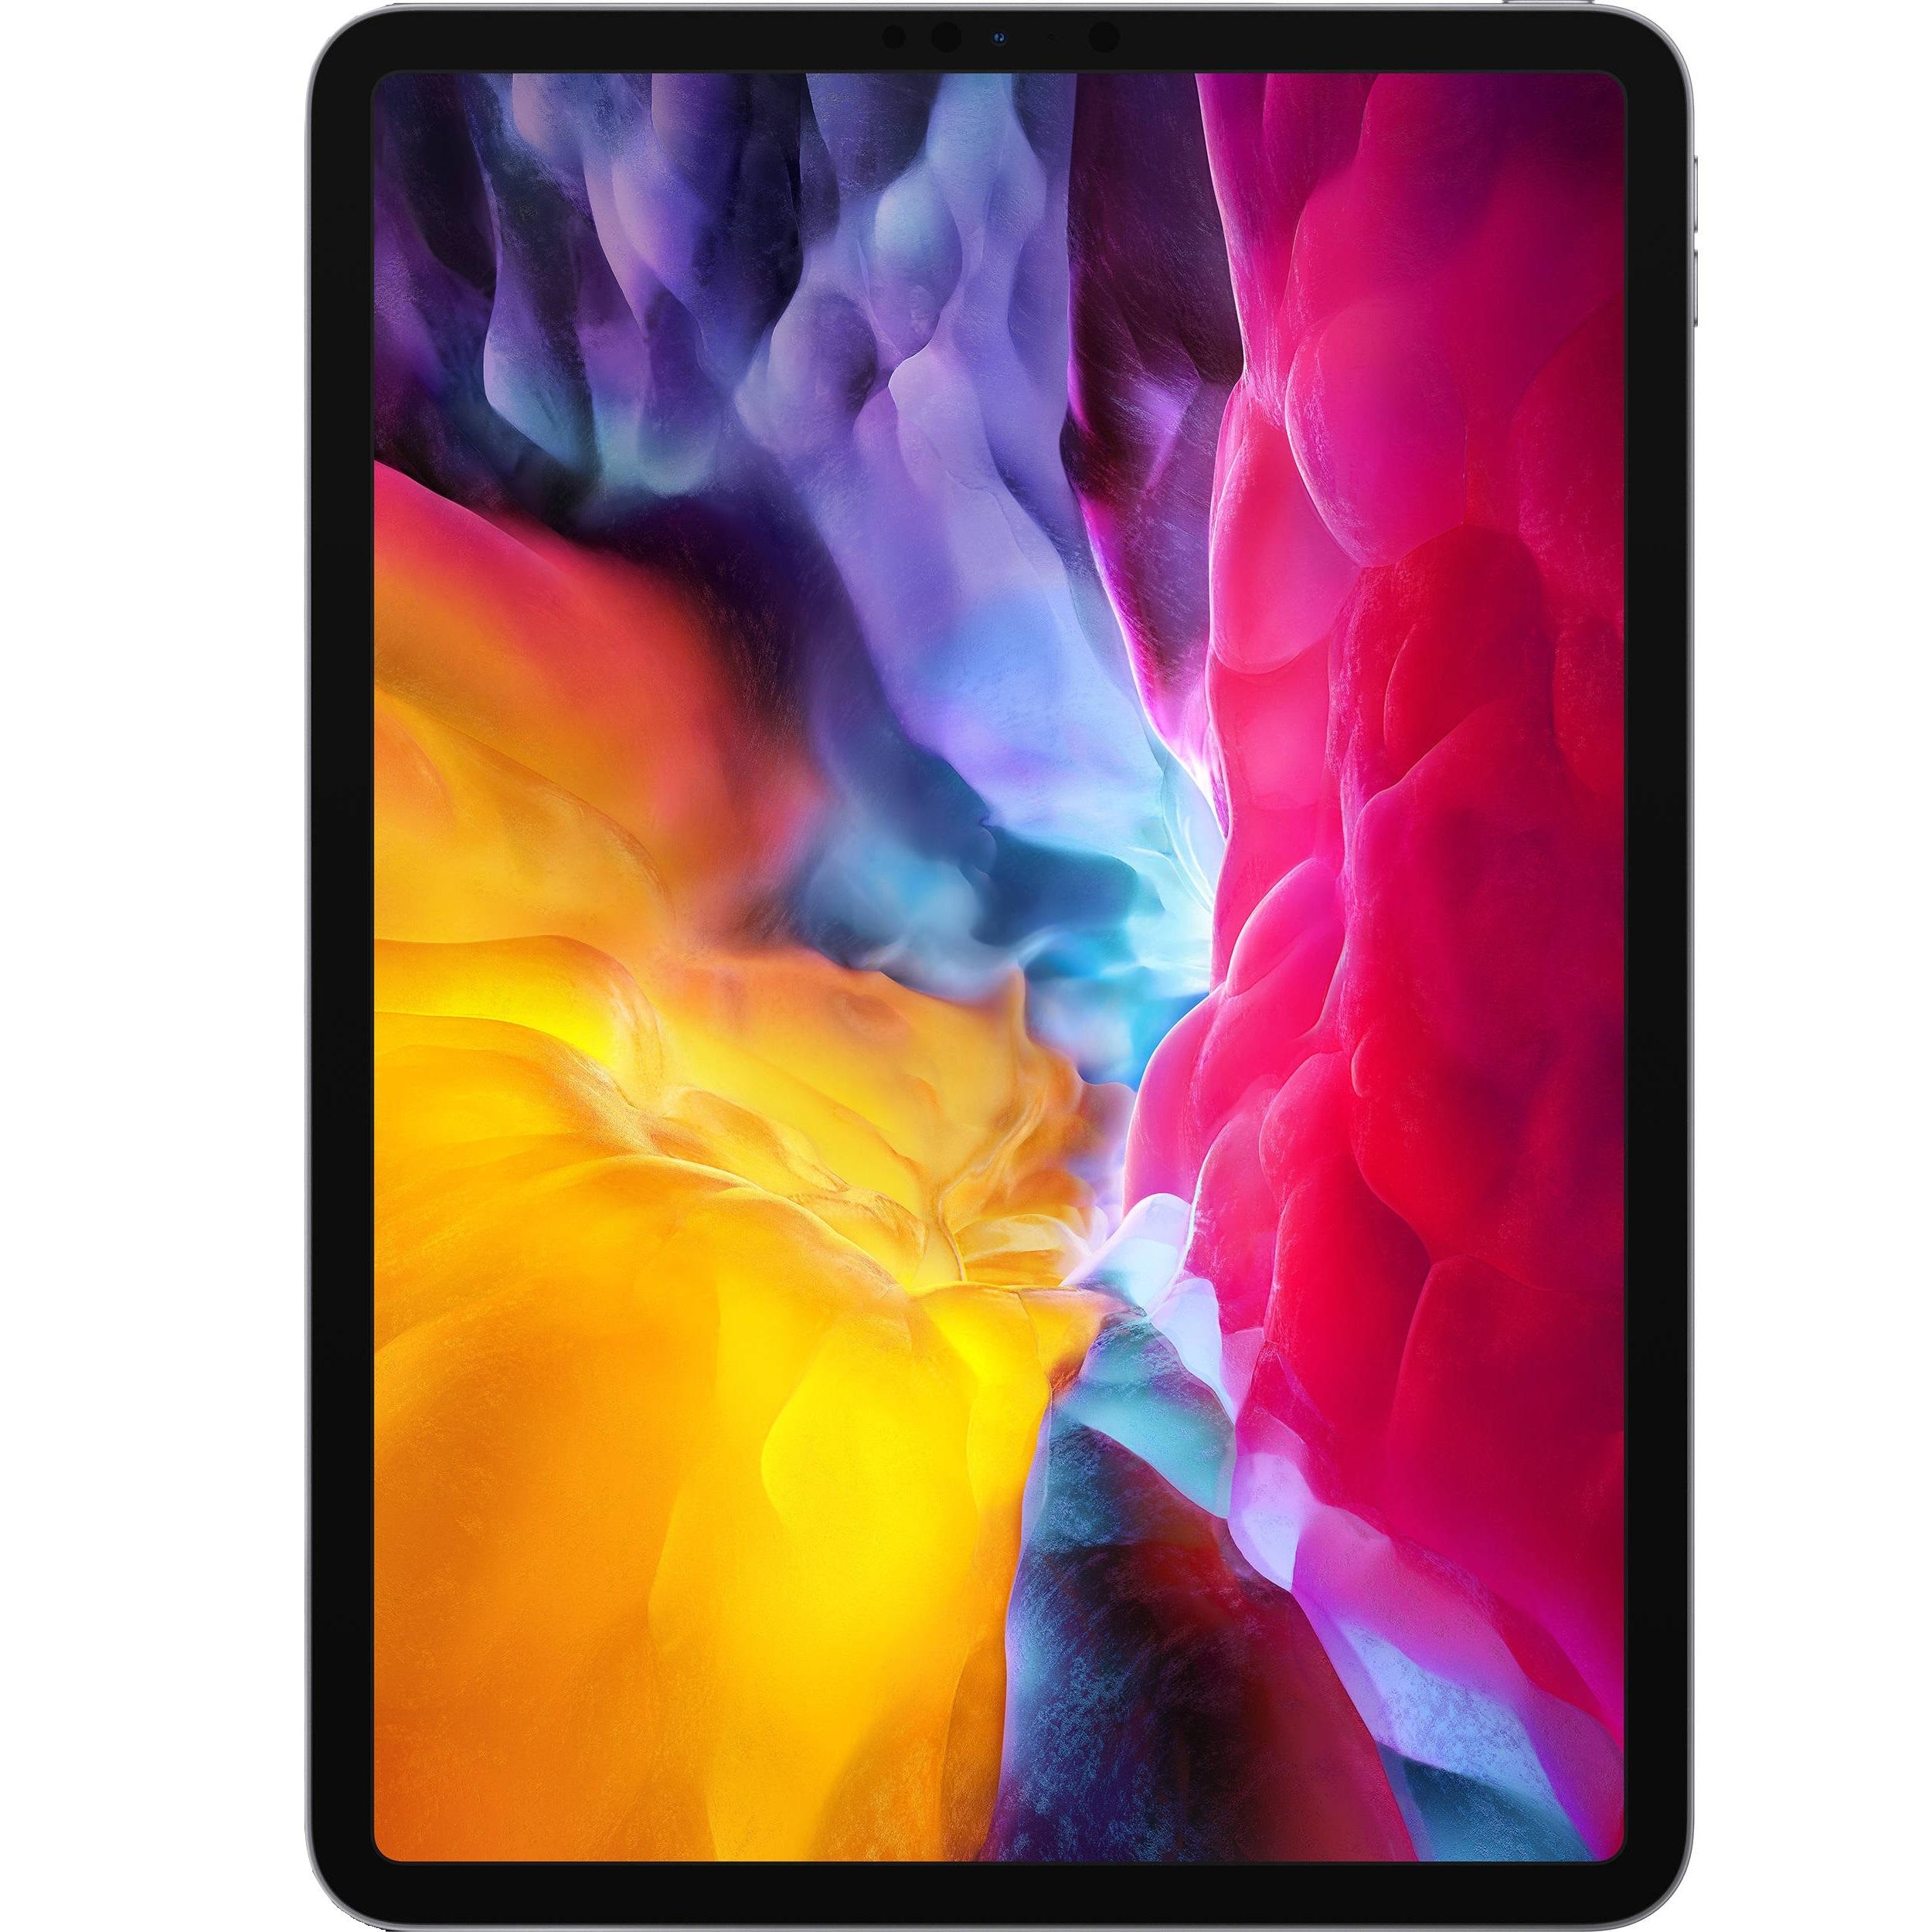 فروش نقدی یا اقساطی تبلت اپل مدل iPad Pro 11 inch 2020 WiFi ظرفیت 128 گیگابایت